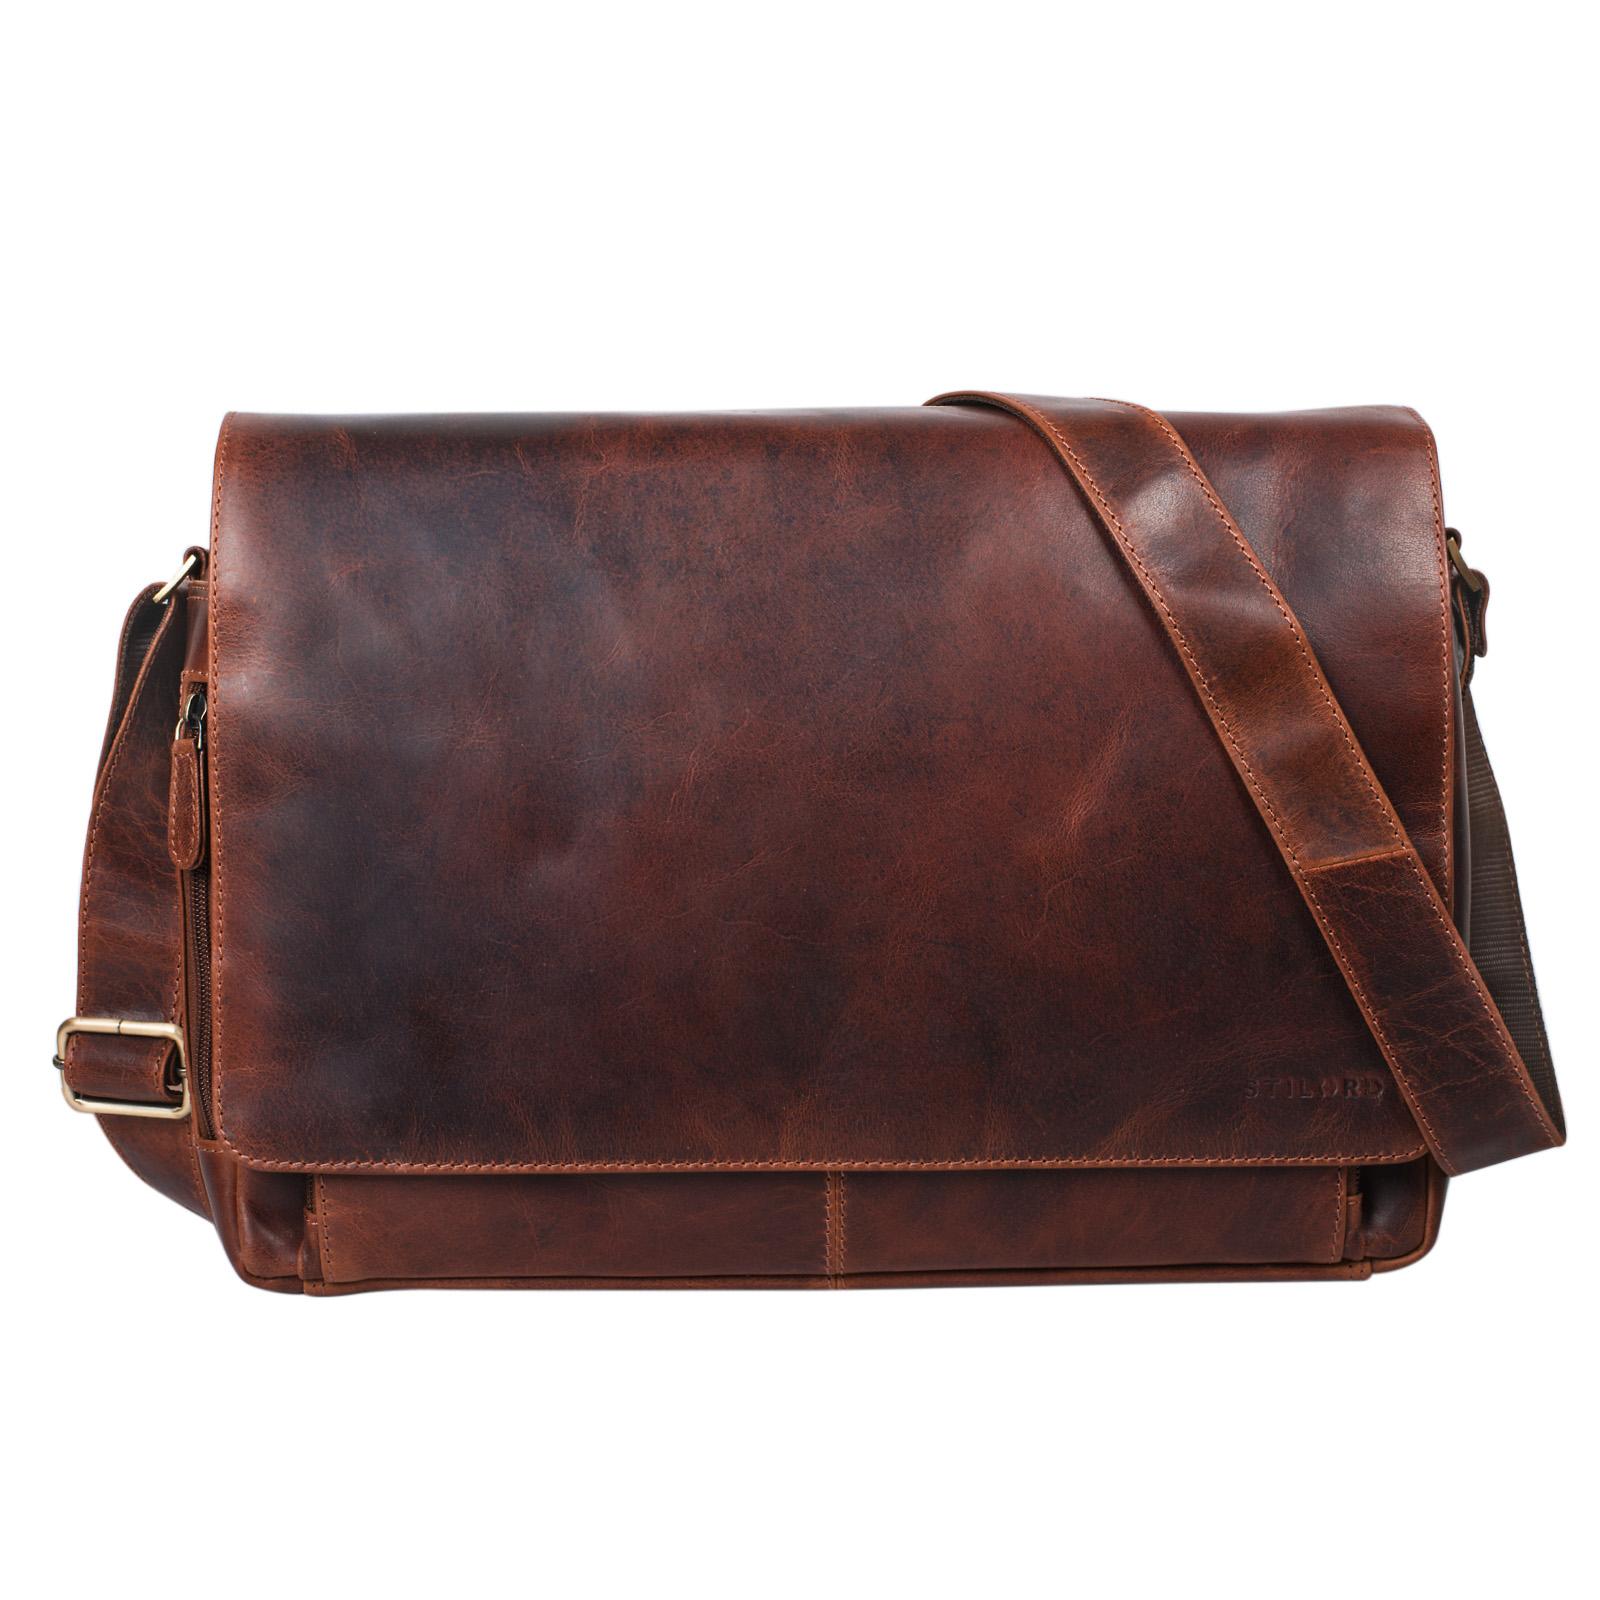 """STILORD """"Tom"""" Vintage Leder Umhängetasche für Studium Uni Büro Arbeit 15 Zoll Laptoptasche DIN A4 Schultertasche Echtleder - Bild 3"""